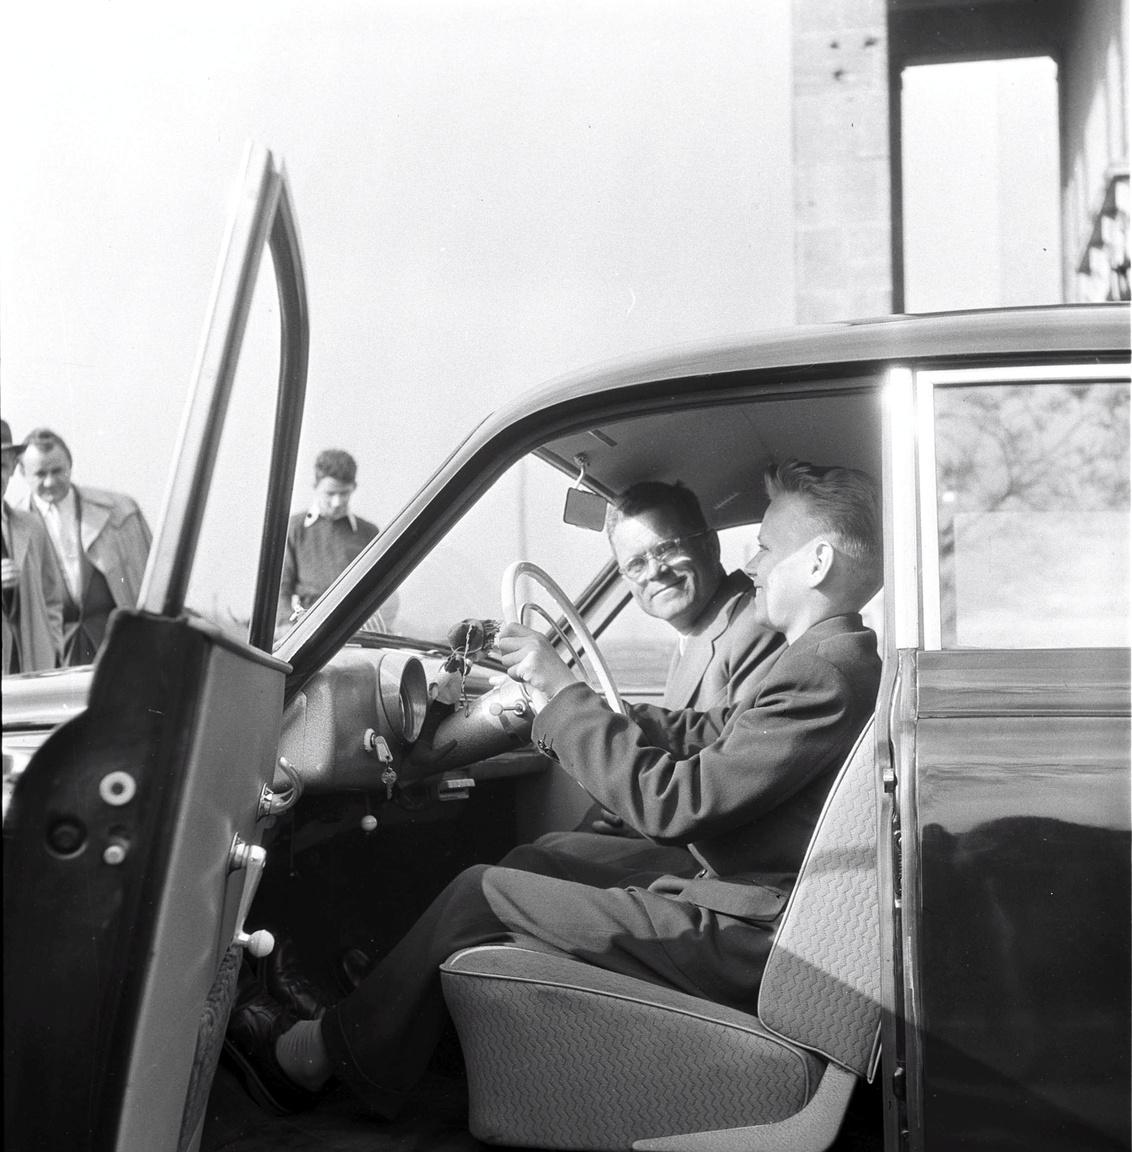 A legelső jutalomsorsolás nyertese 1957-ből: Molnár Tibor, a kunszentmártoni hetedikes a nyeremény-Wartburg volánjánálBudapestre még vonattal utazott, de már saját kocsin és sofőrrel tért haza Kunszentmártonba az ország legfiatalabb Wartburg-tulajdonosa.